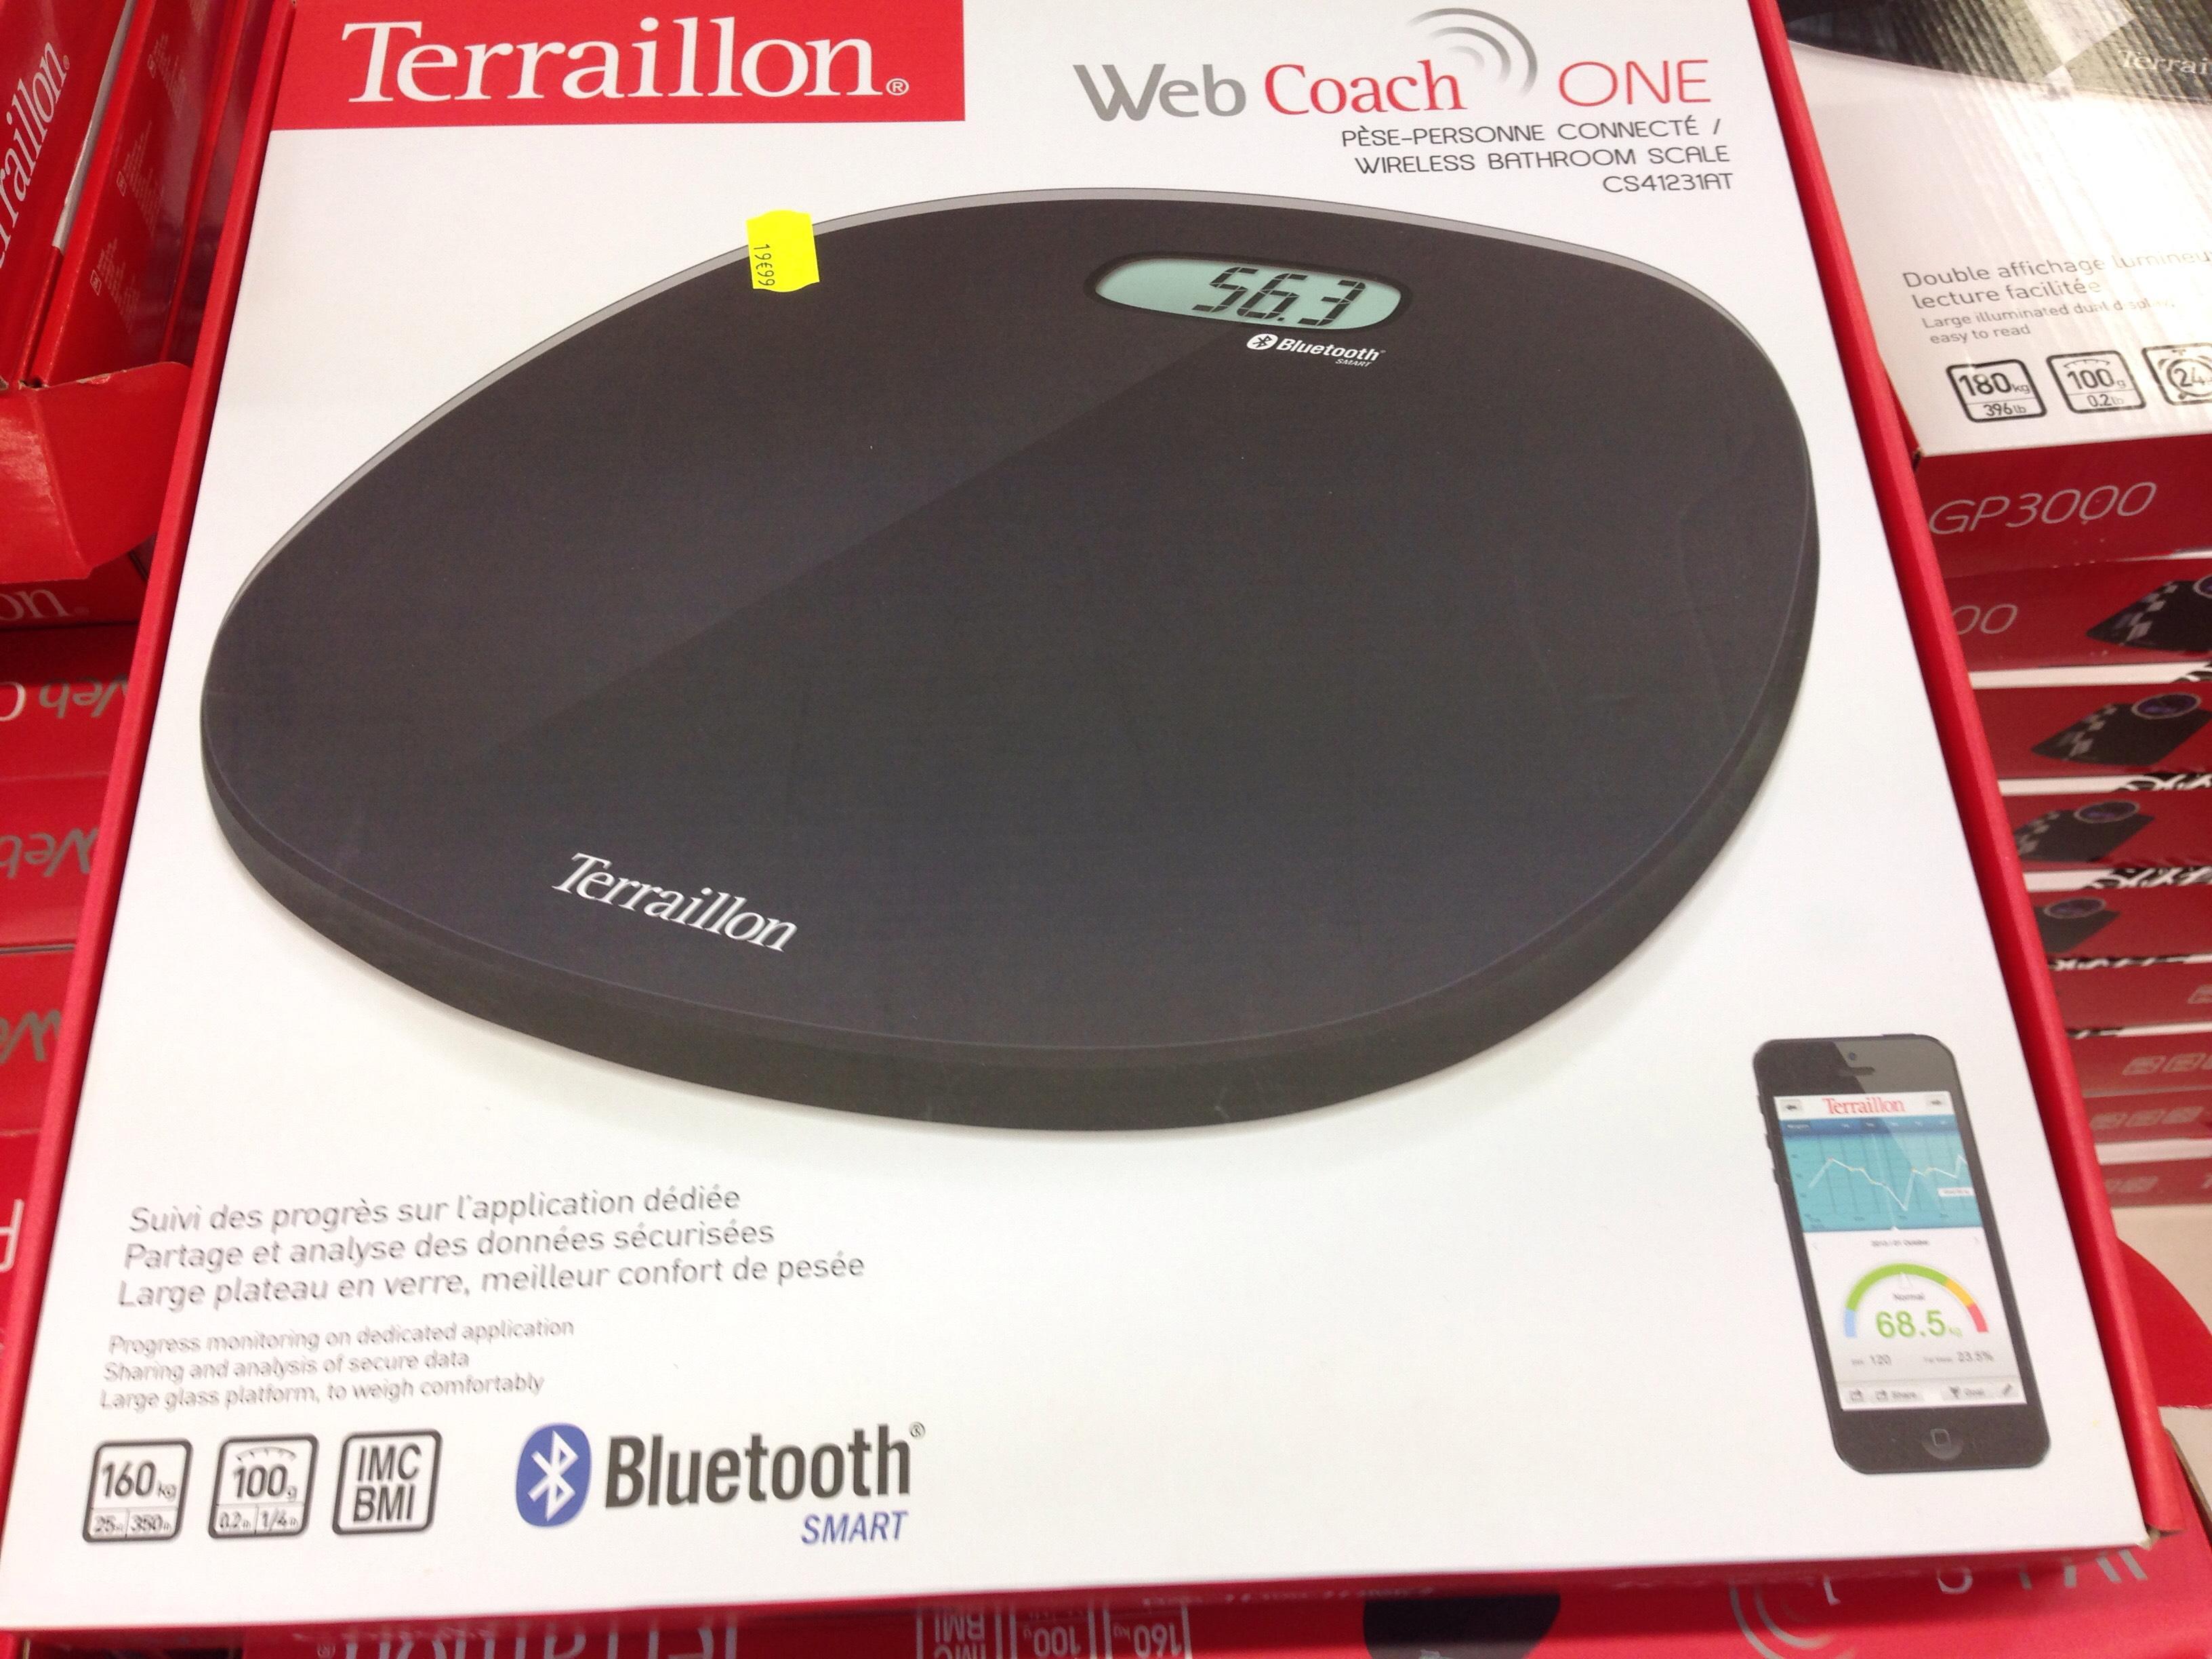 Pèse-personne connecté Terraillon Web Coach One (et autres modèles)